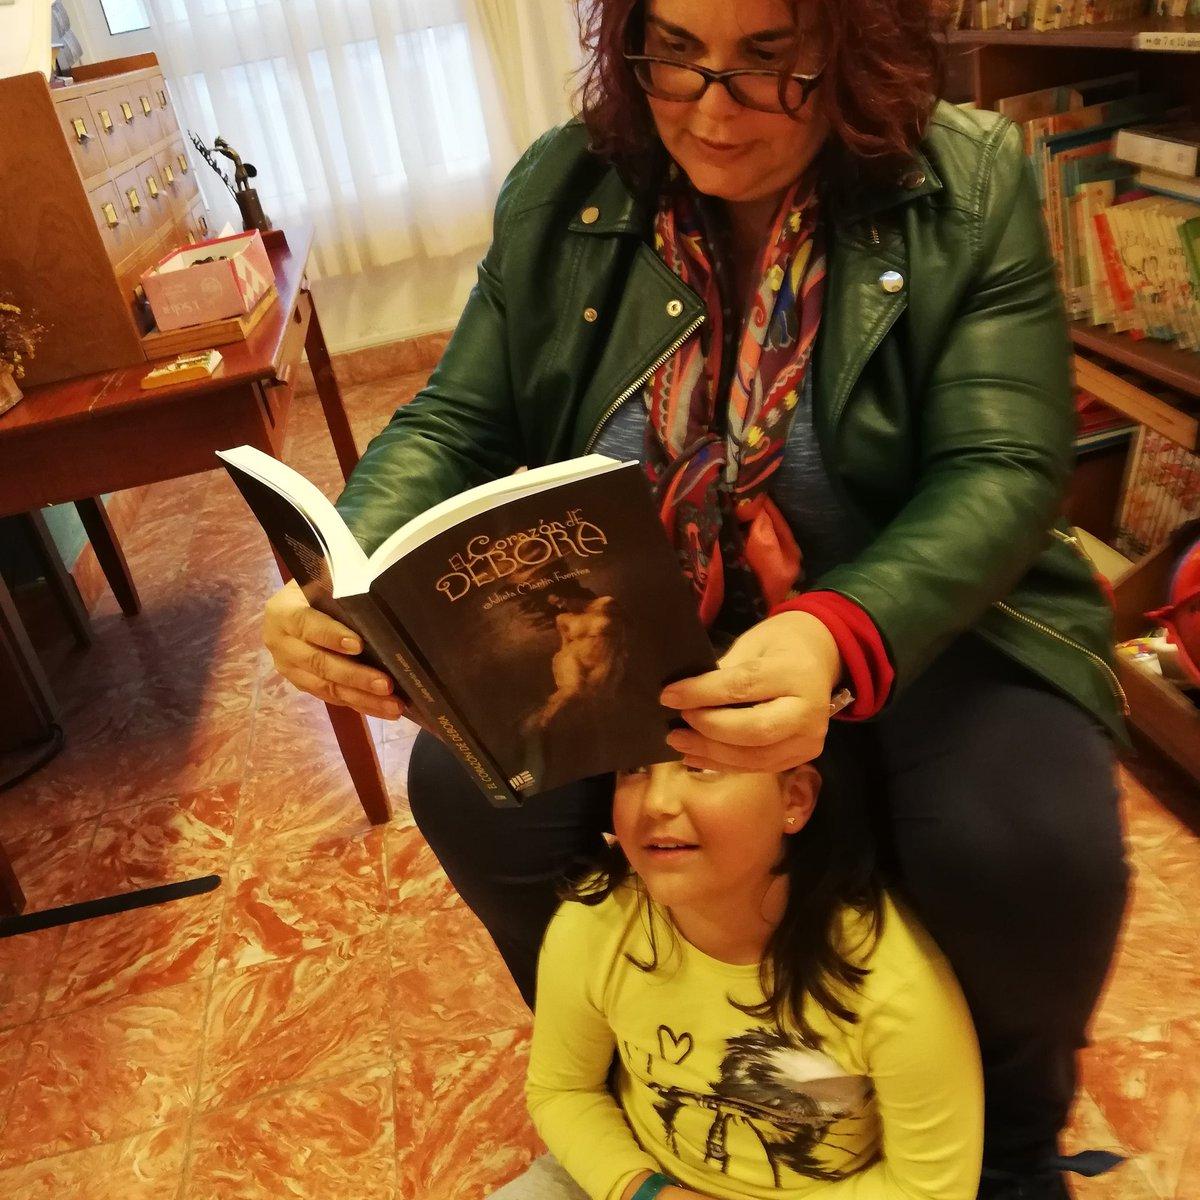 """""""El corazón se despliega como un libro y cabe mucho en él, pero que mucho mucho"""". Mari Carmen y hija María. Cuánto amor hay ahí, en el hornito, entre los brazos de su madre. ¡Muchas gracias! 😊❤️ #LeerEsVivirMas #ElCorazónDeDébora #julietamartínfuentes #literatura #novela"""